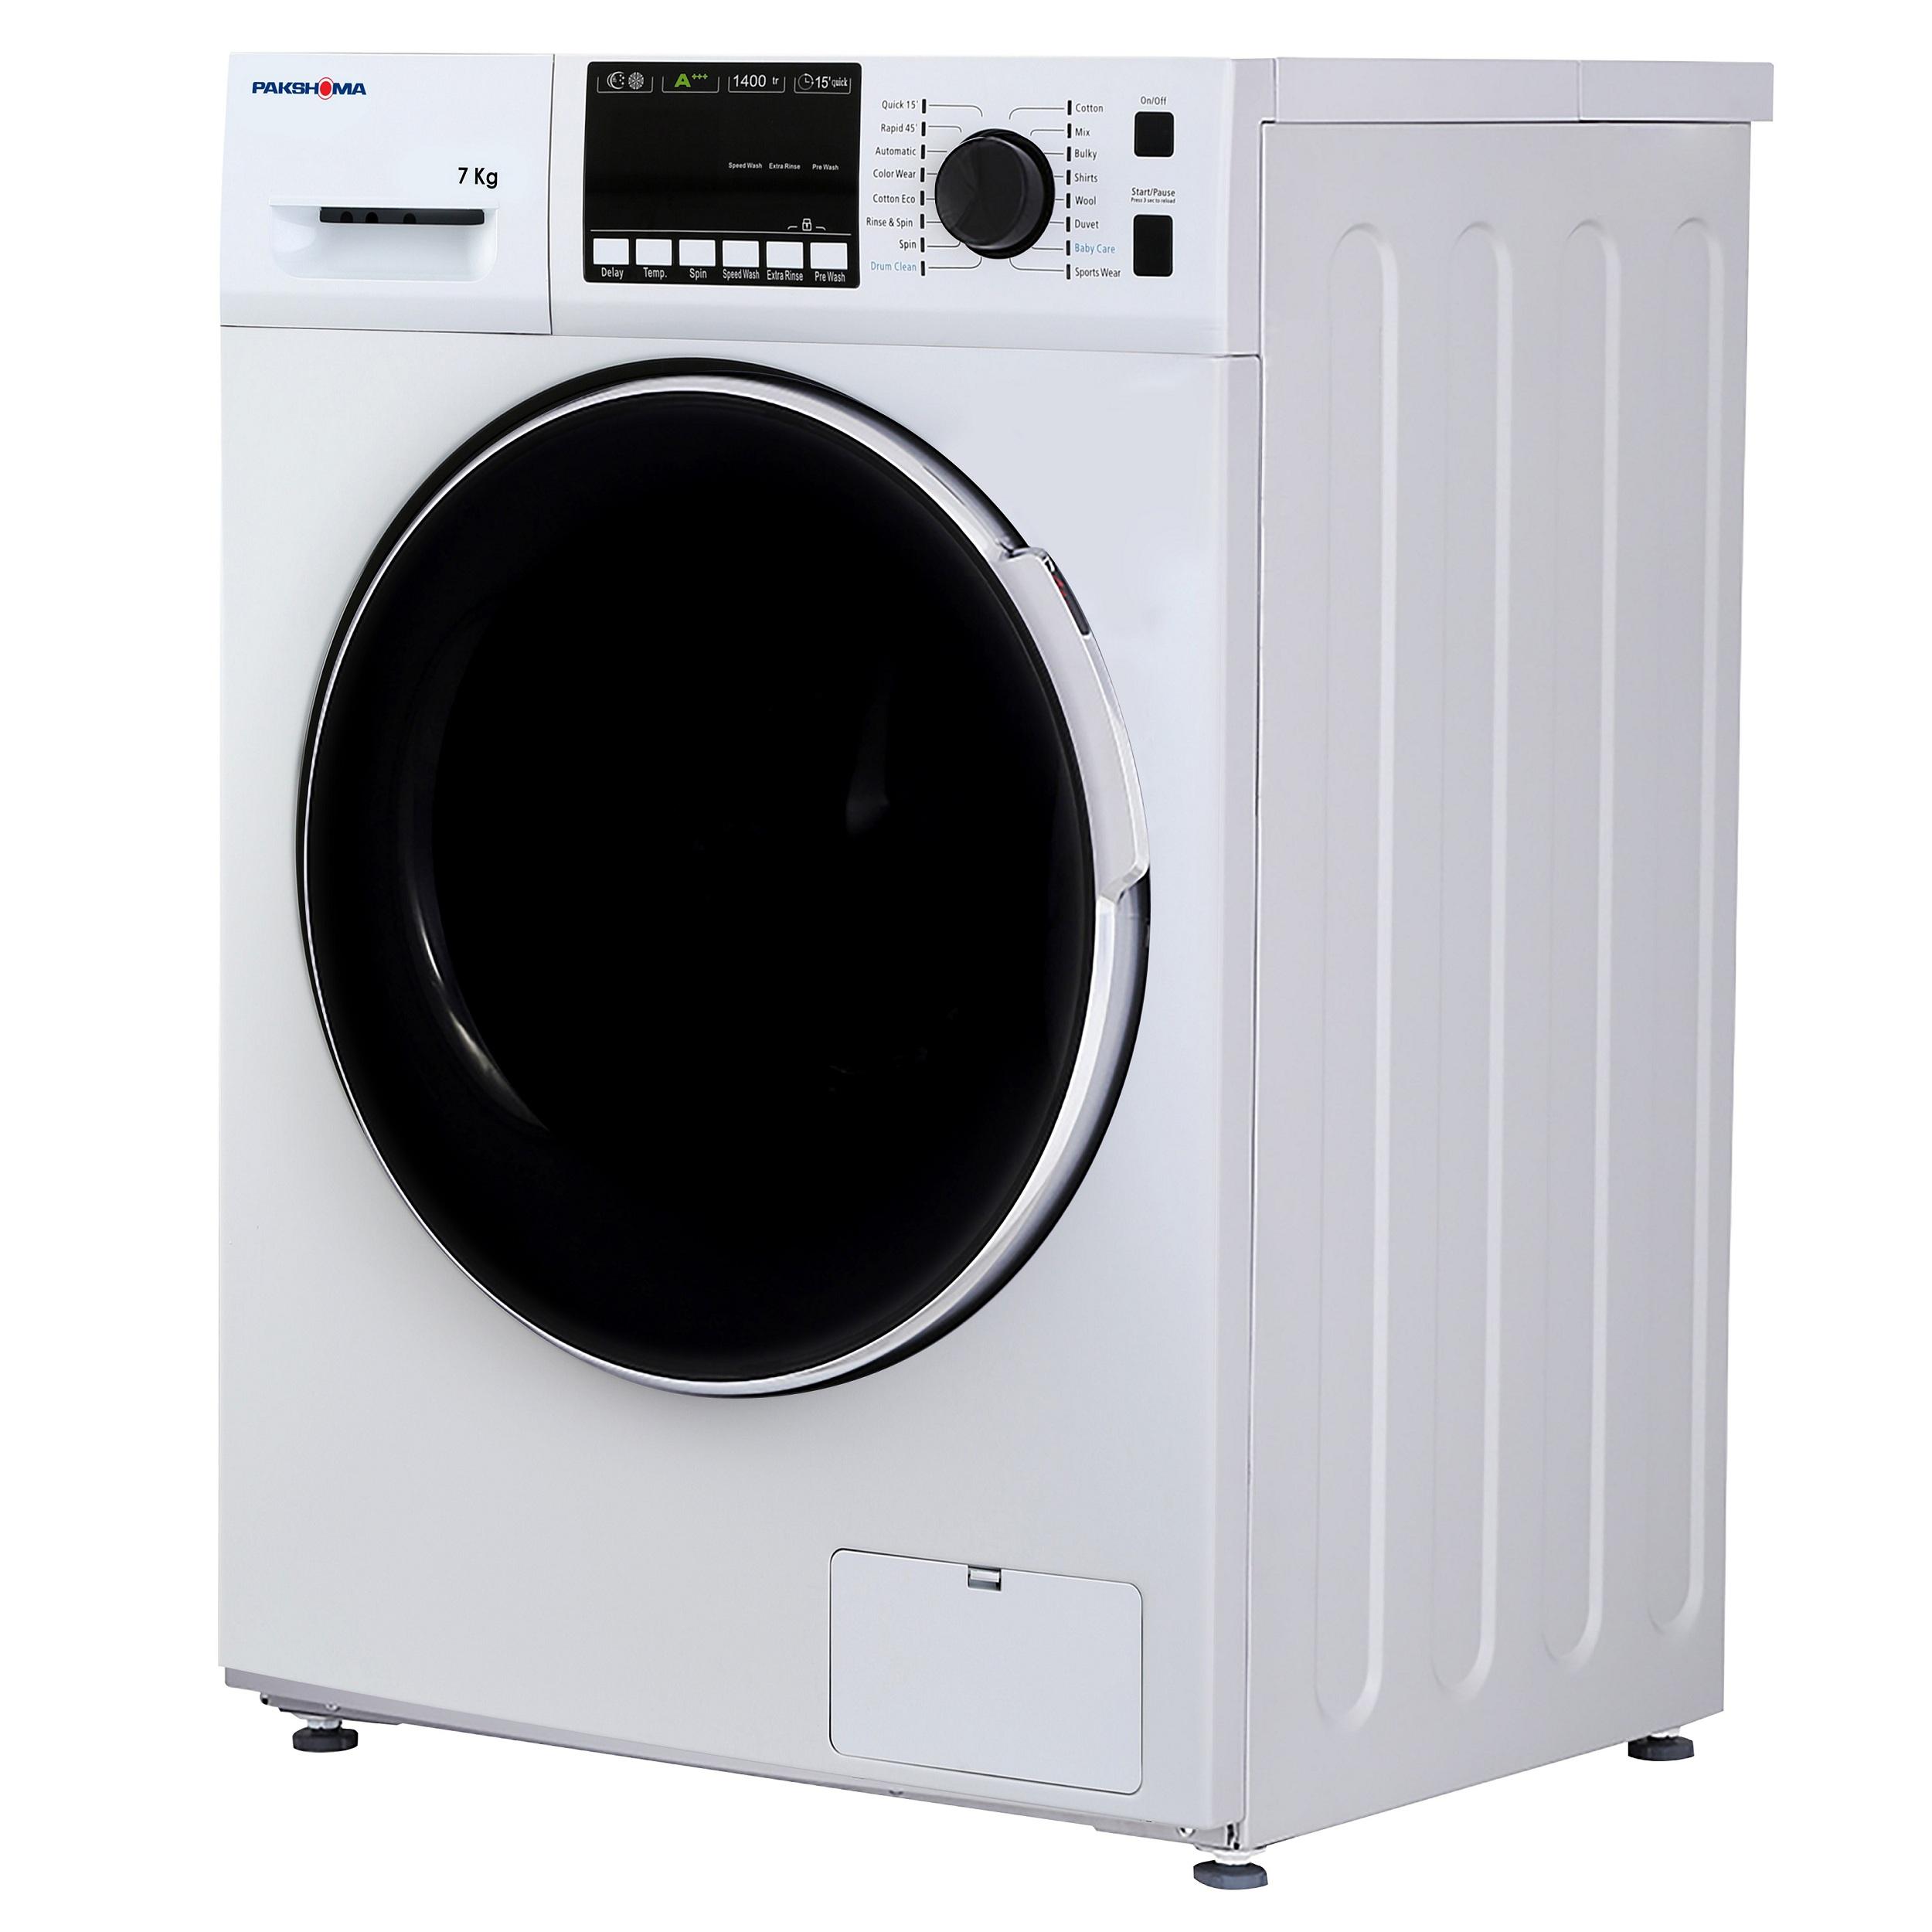 ماشین لباسشویی پاکشوما مدل TFU-74401 ظرفیت 7 کیلوگرم main 1 2